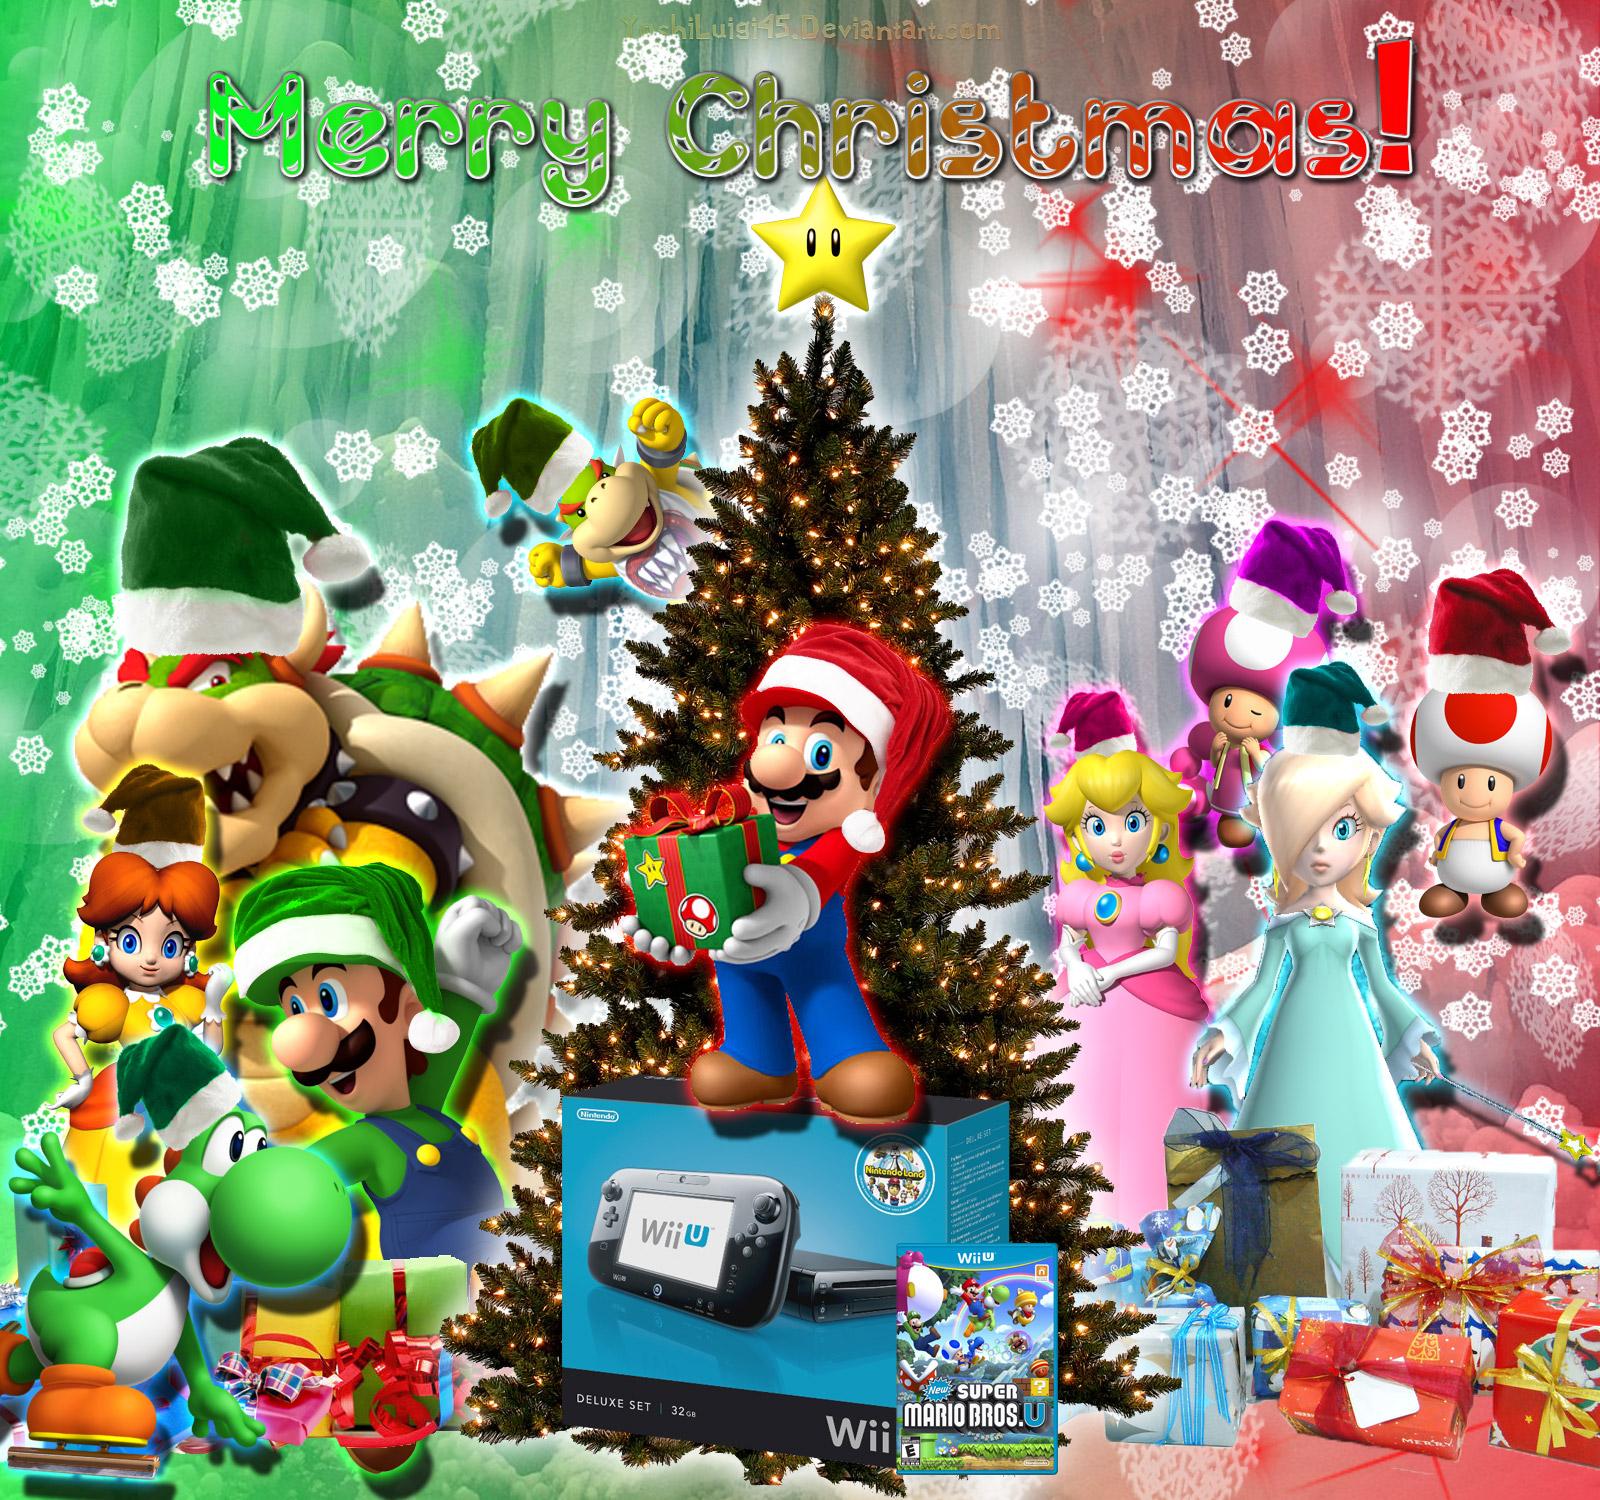 2012 Mario Christmas Background by YoshiLuigi45 on DeviantArt